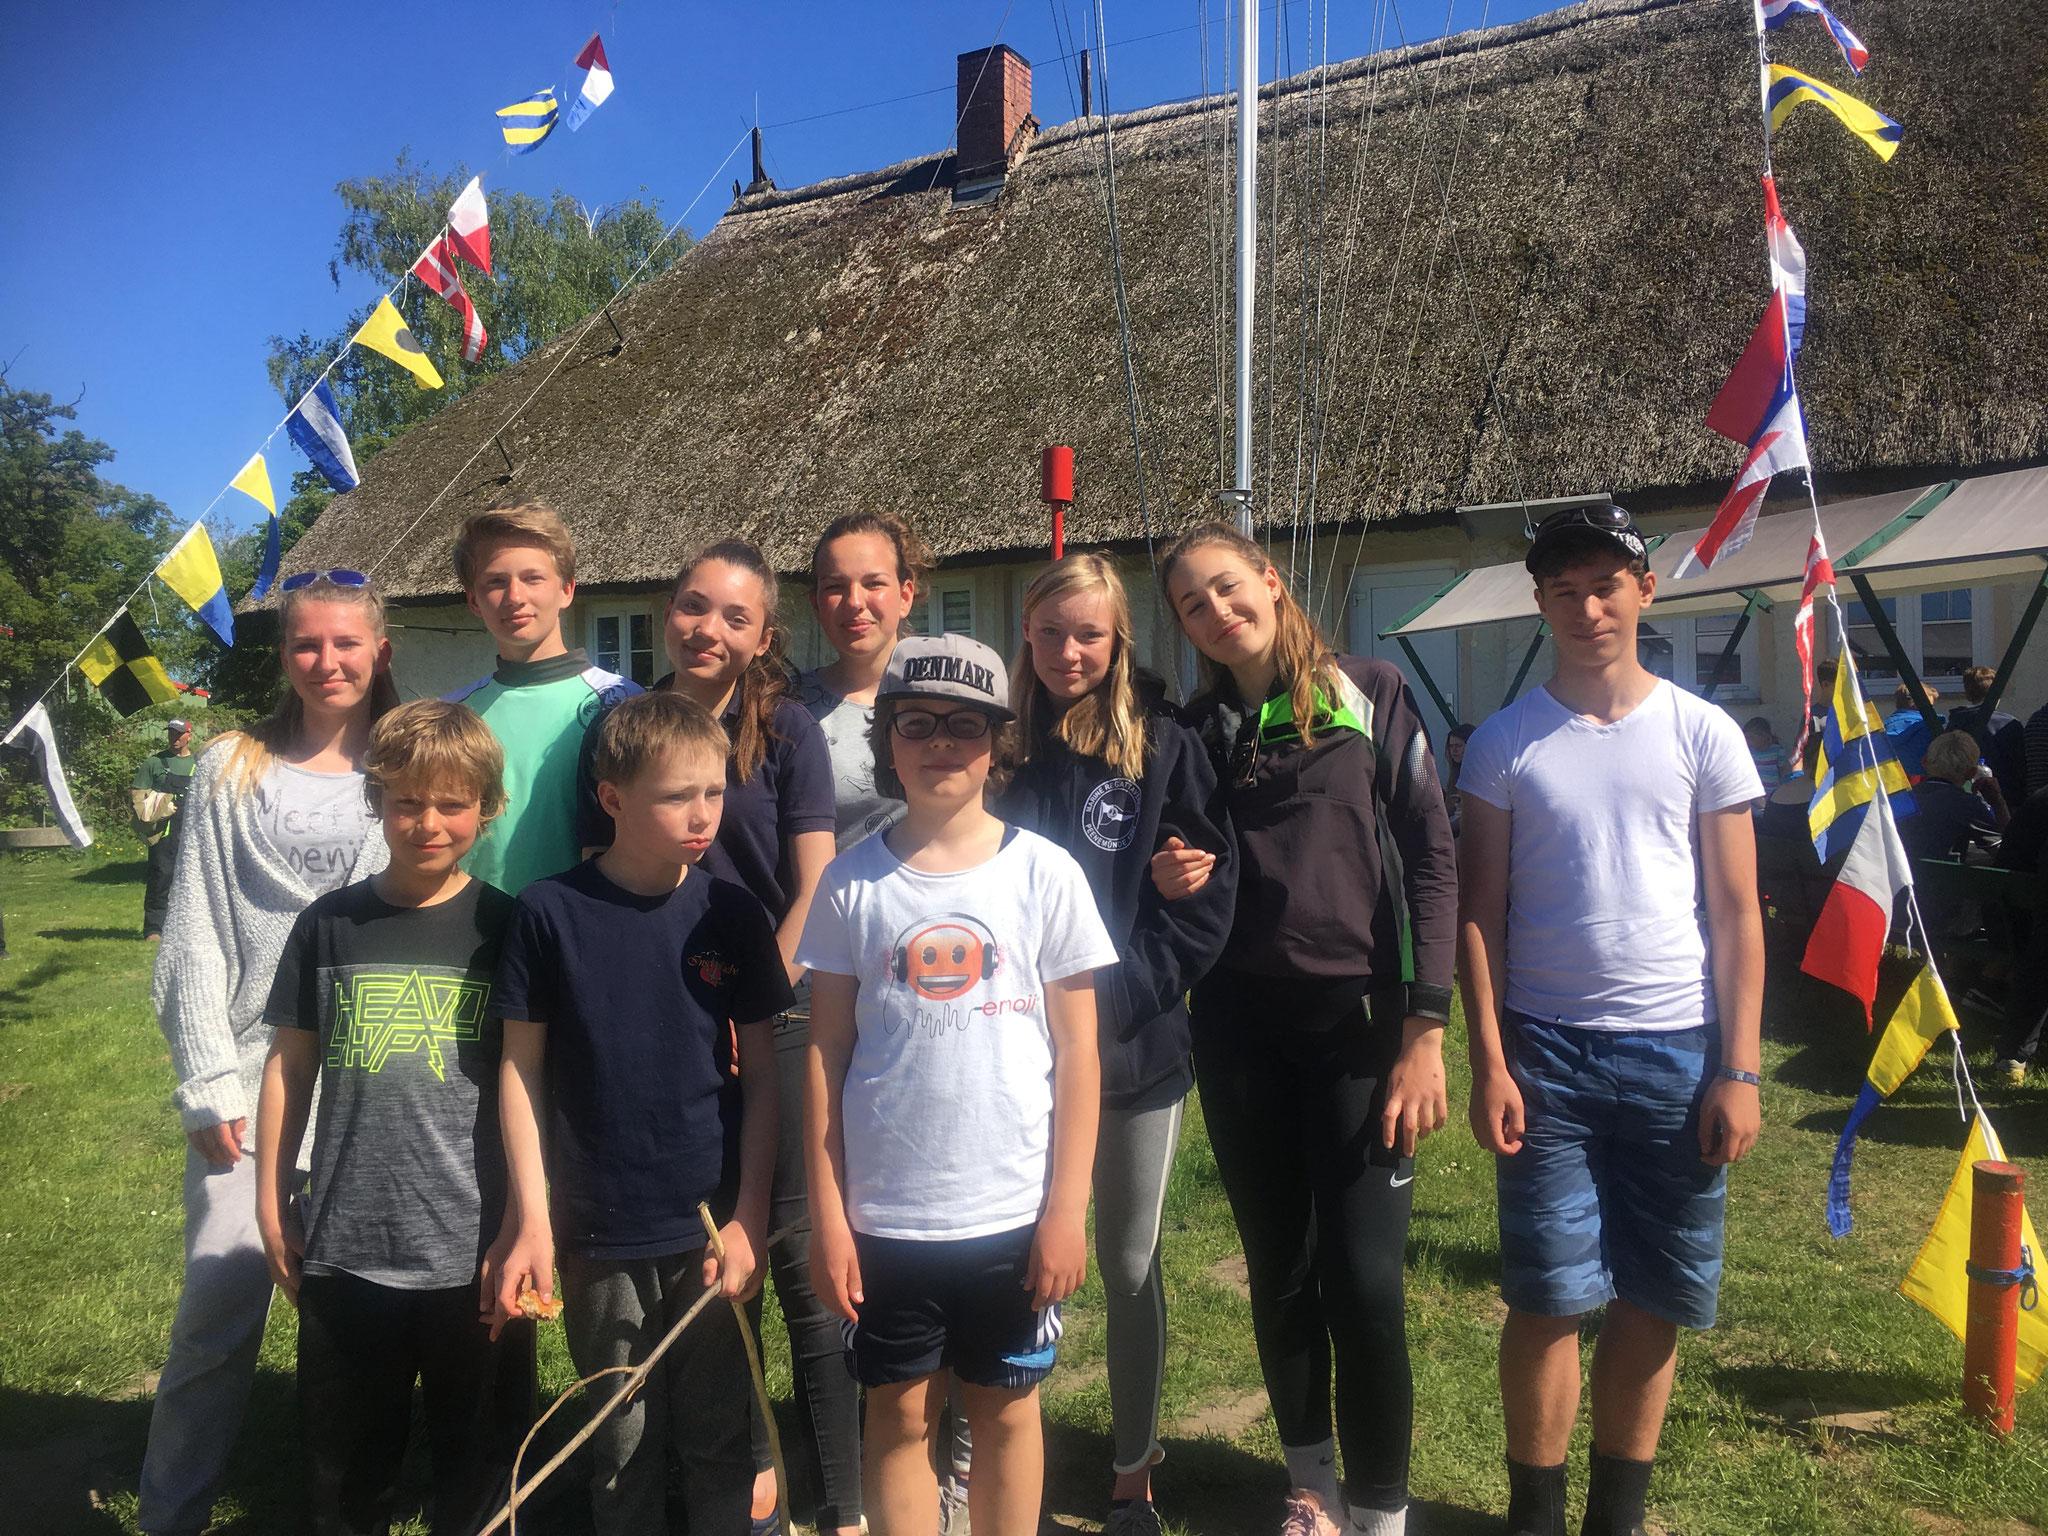 """Unsere """"Crew"""" nach der Siegerehrung in Greifswald"""